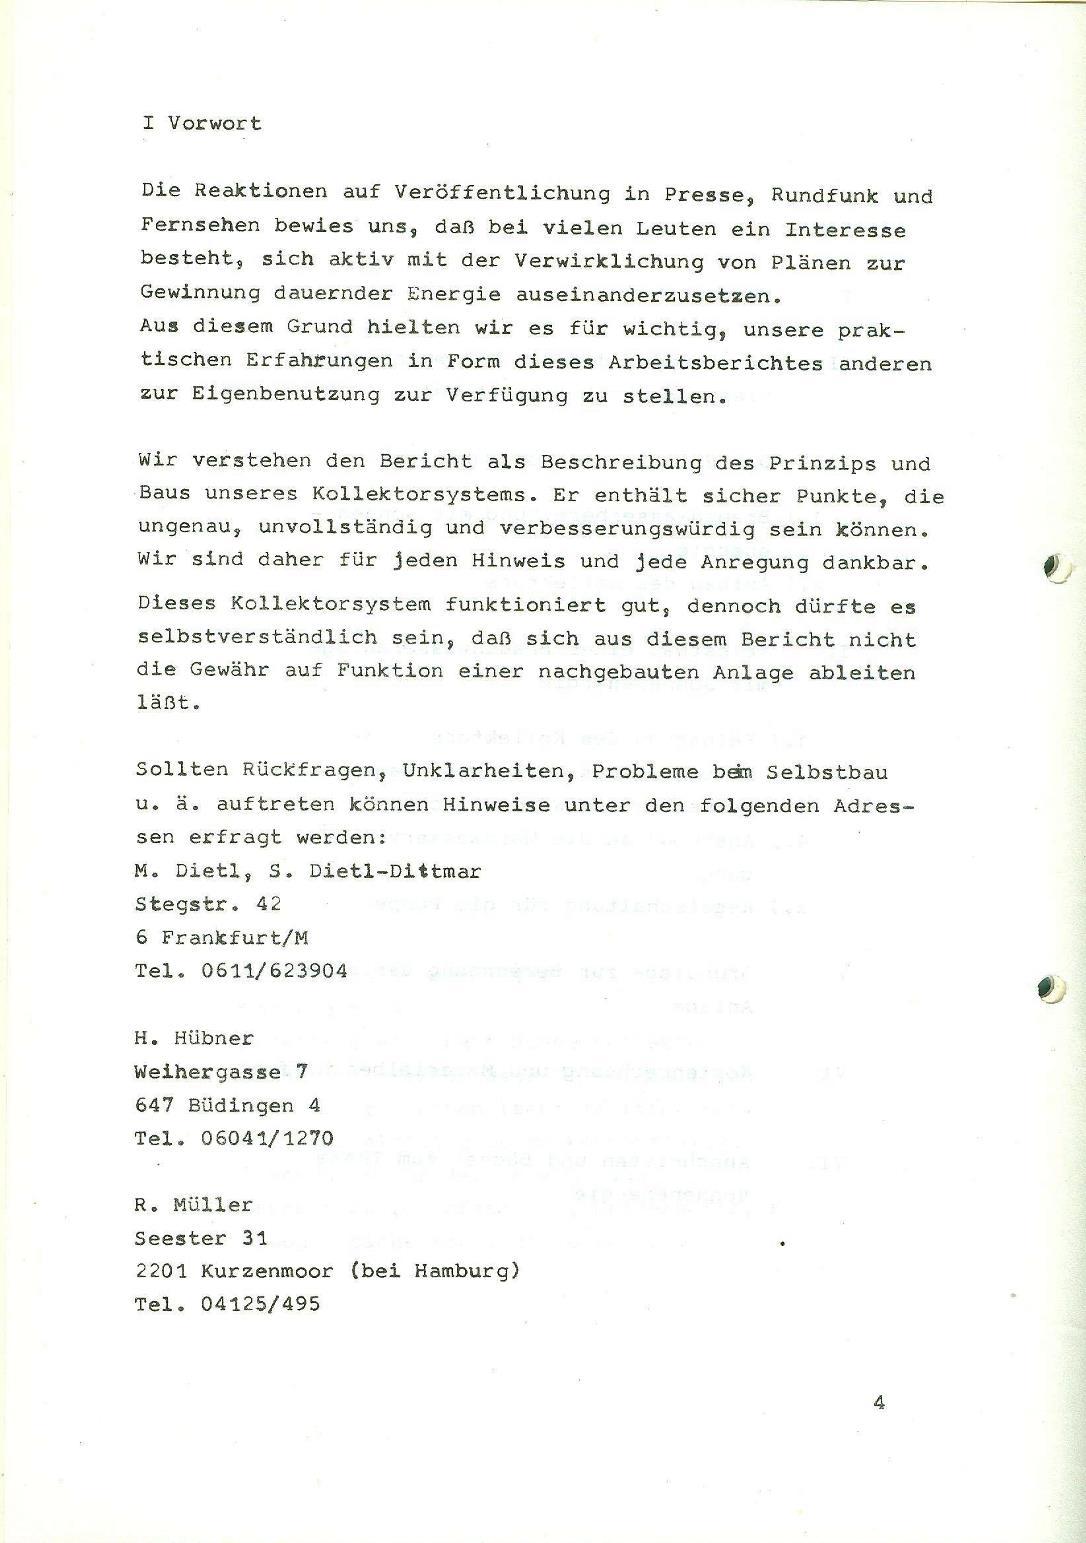 Hessen_AKW061